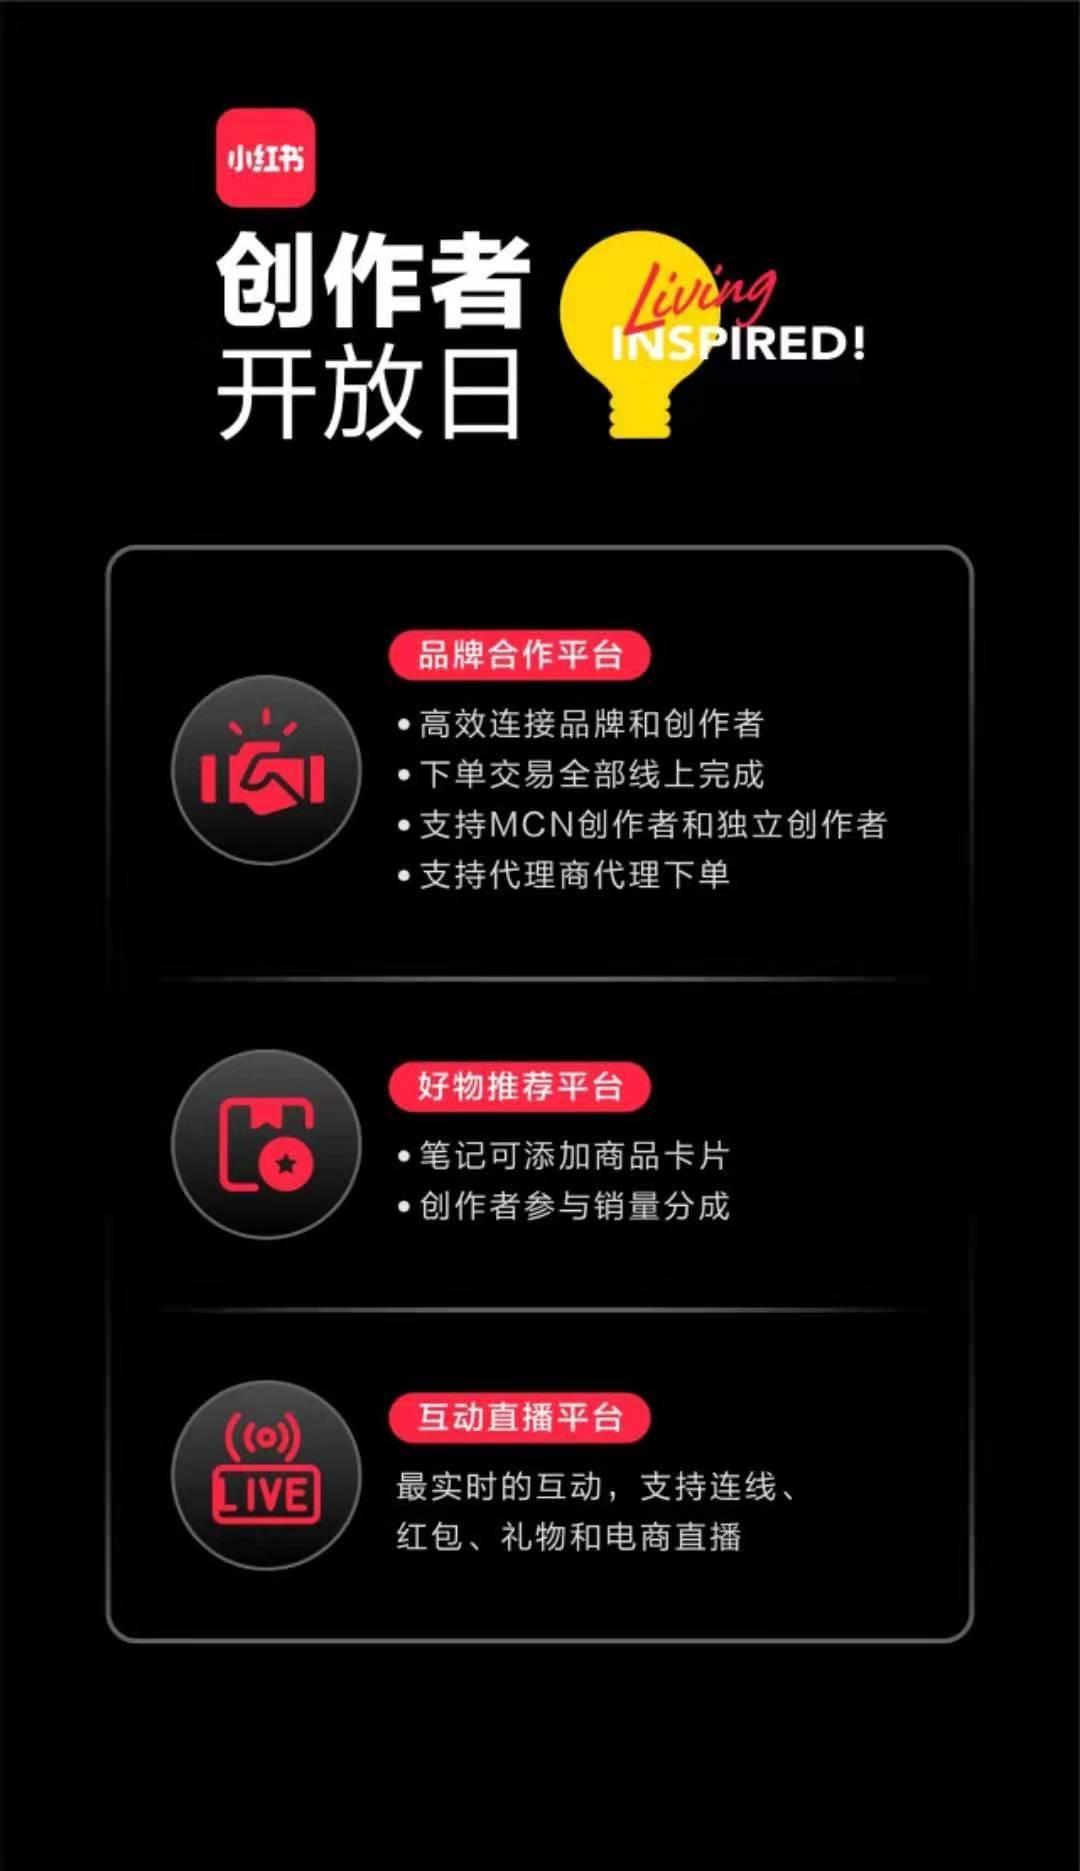 鸟哥笔记,行业动态,吕玥,行业动态,产品运营,小红书